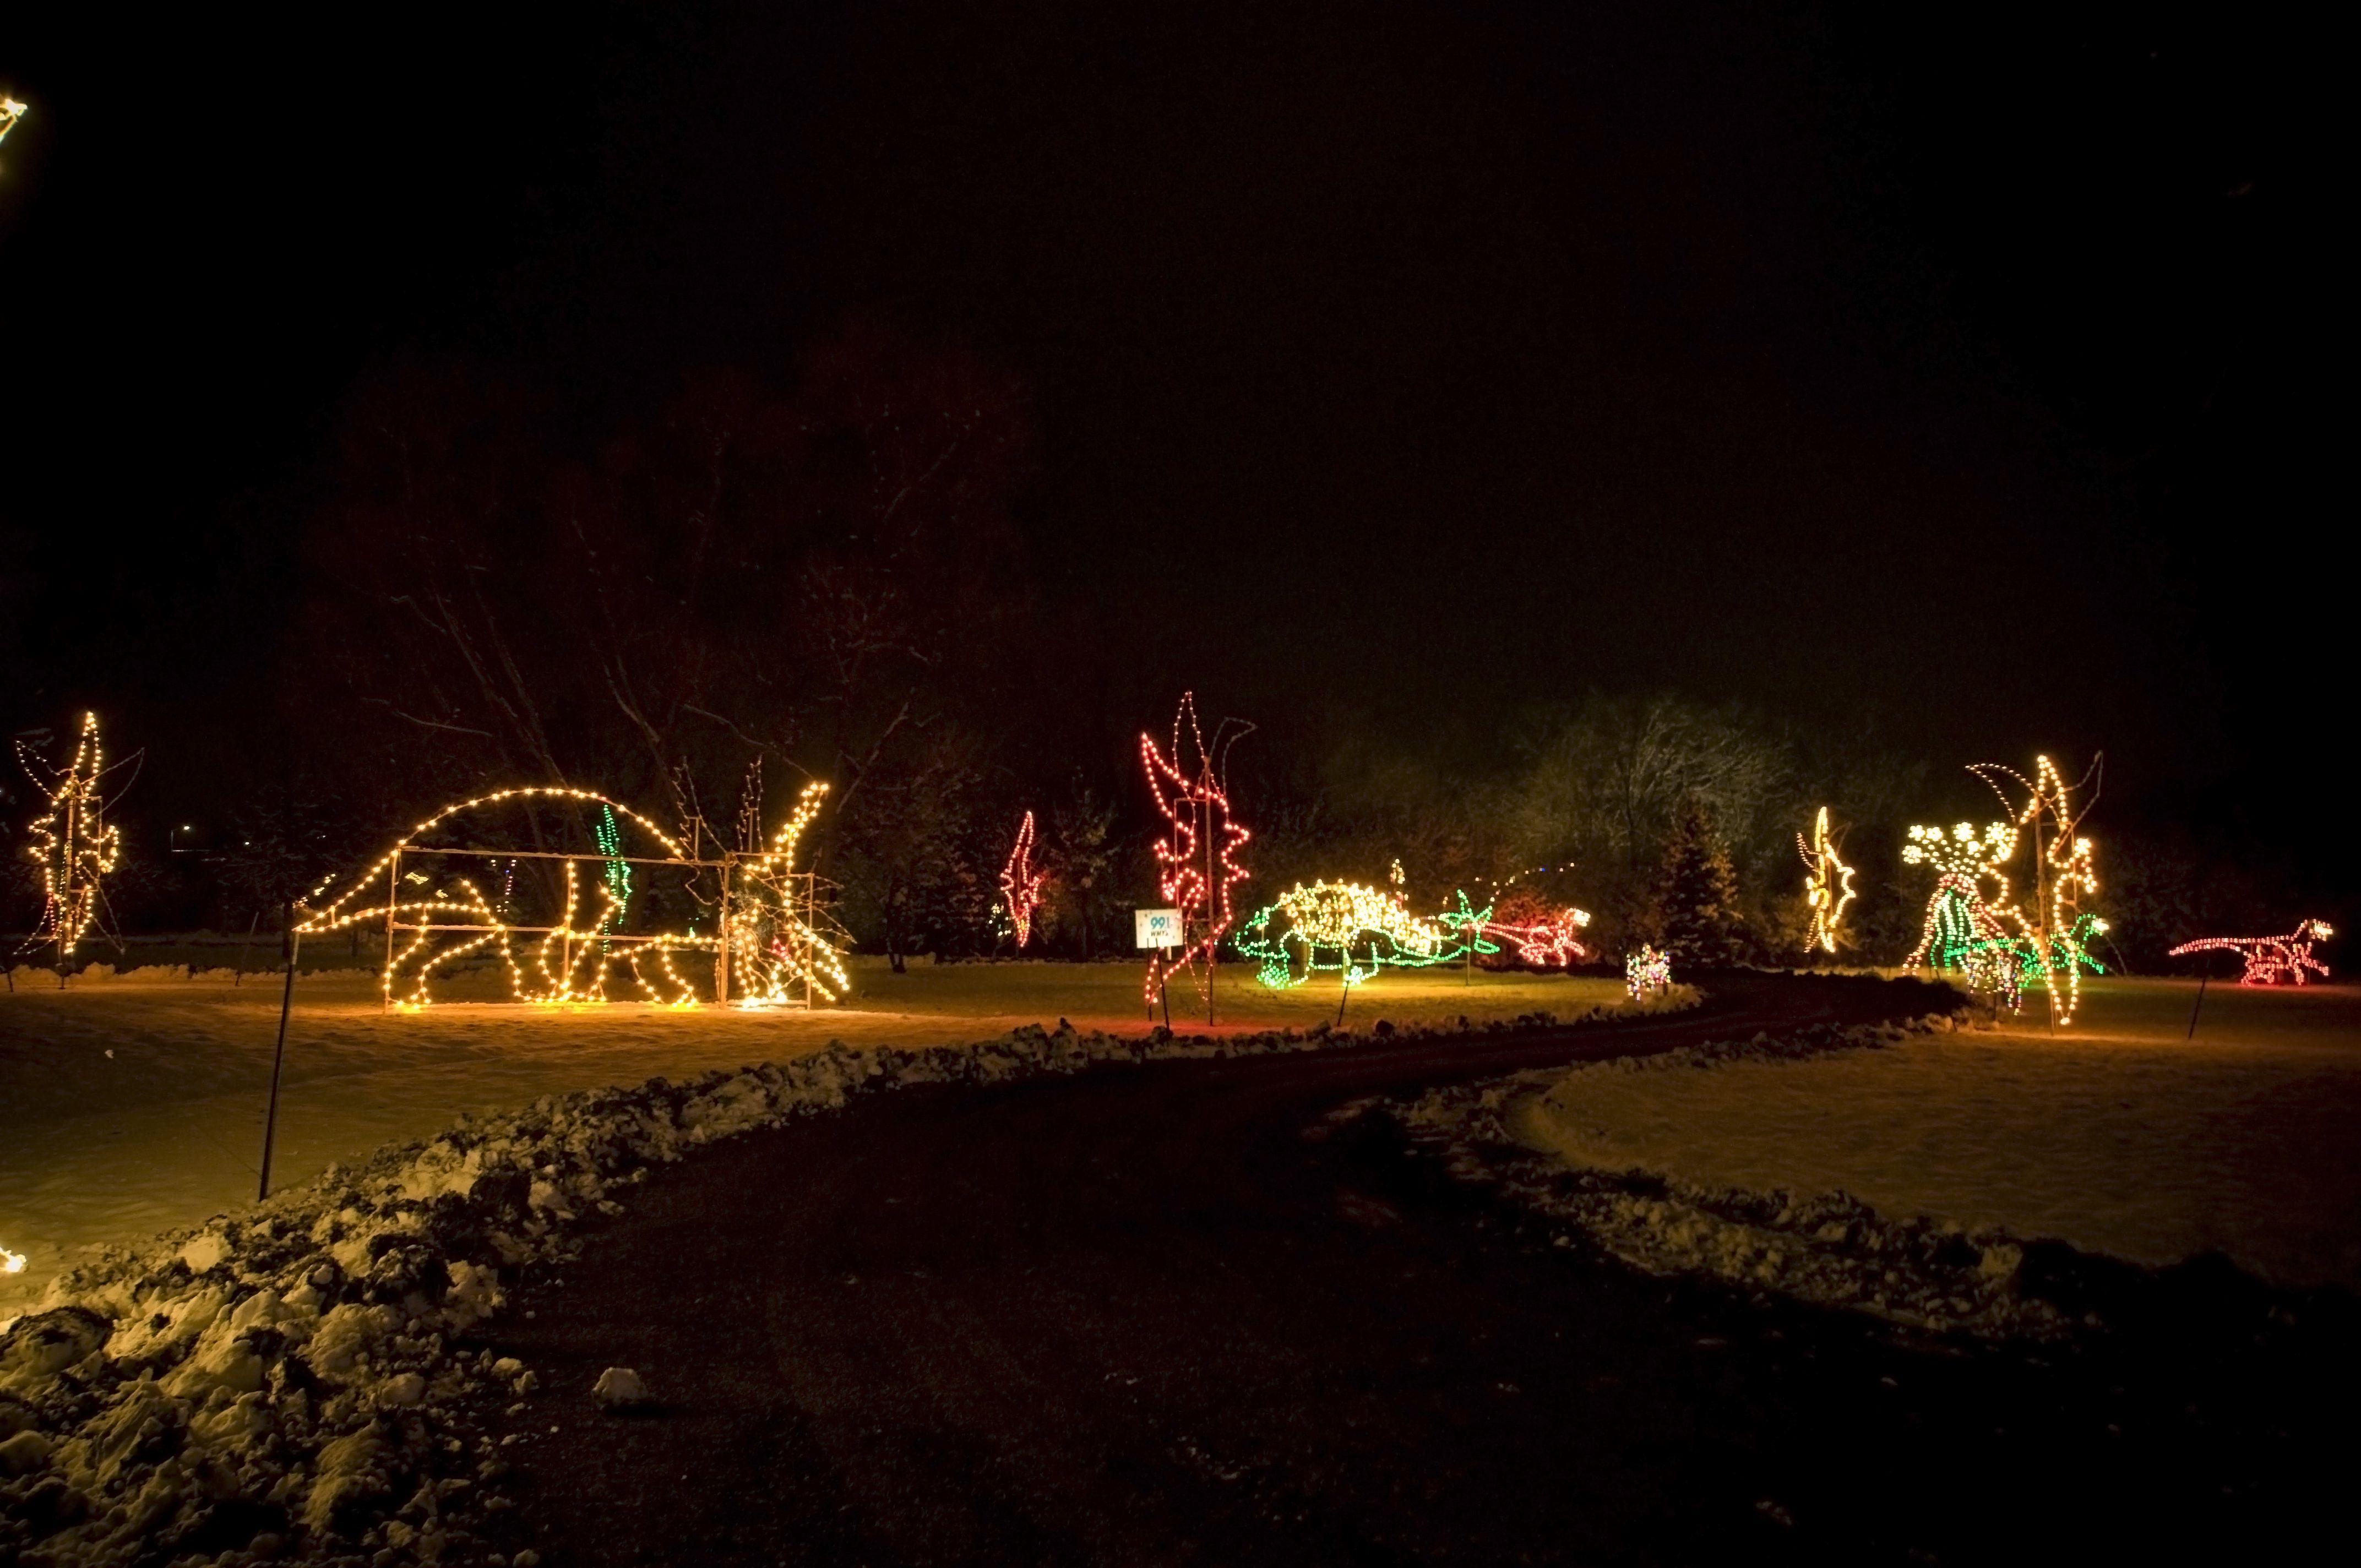 Dinosaur Christmas Lights Display at Country Christmas